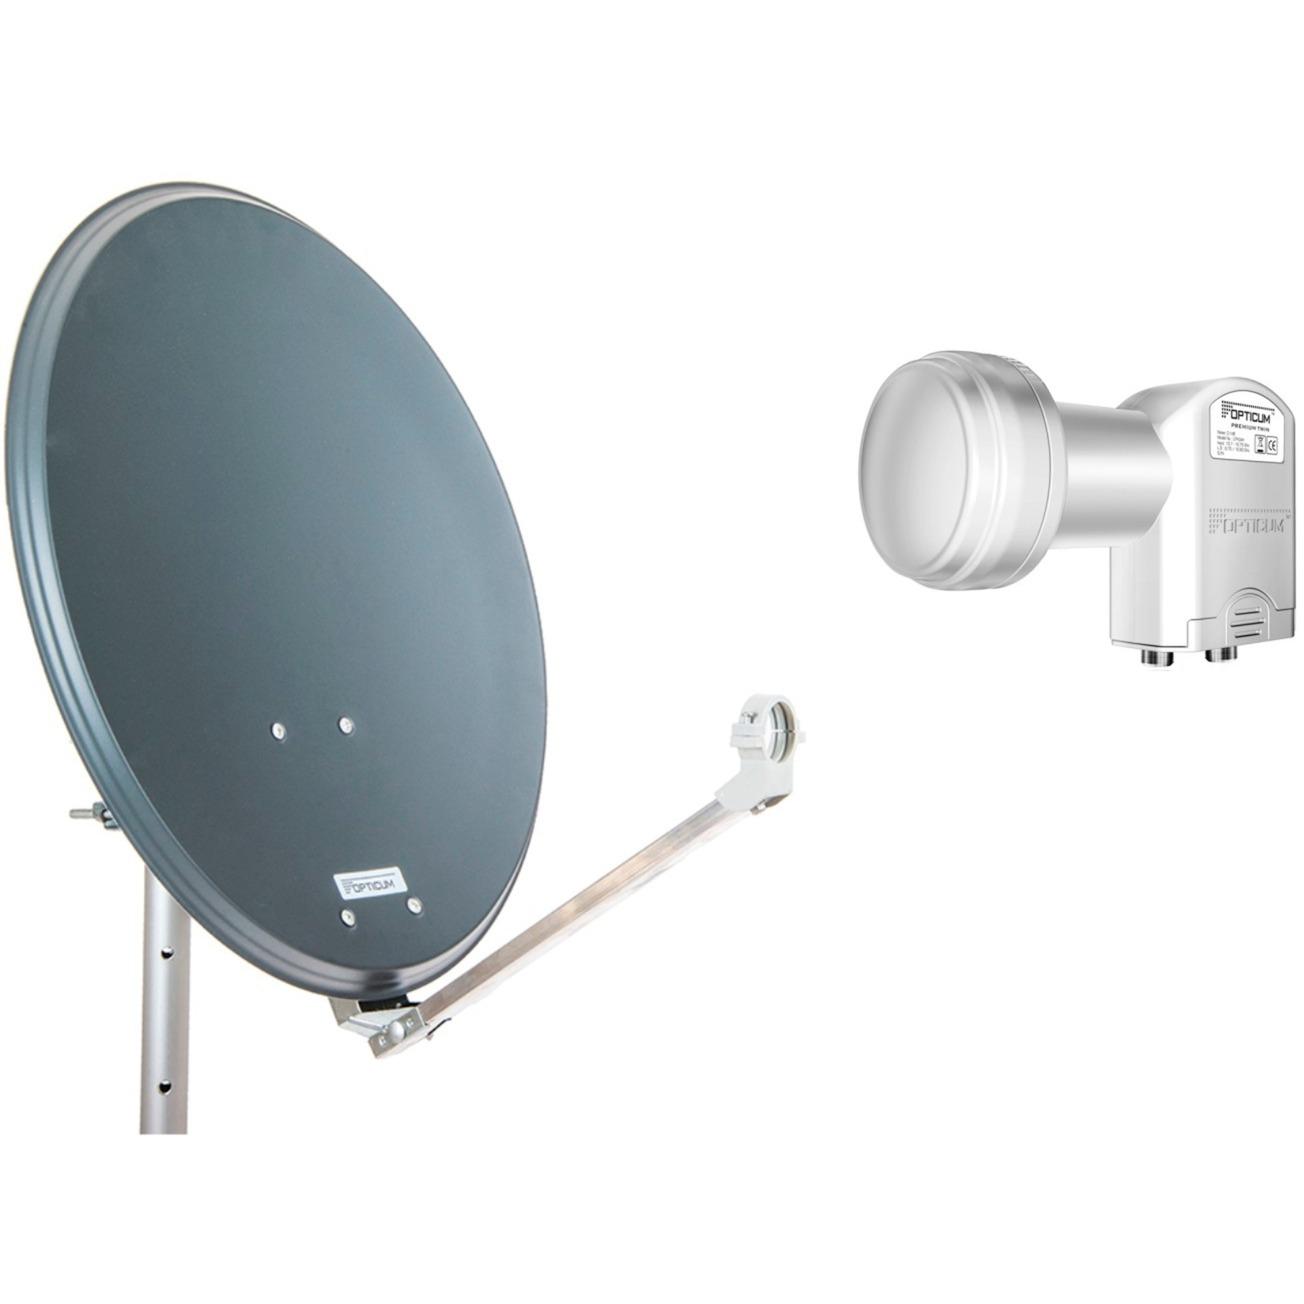 9129, Antena parabólica